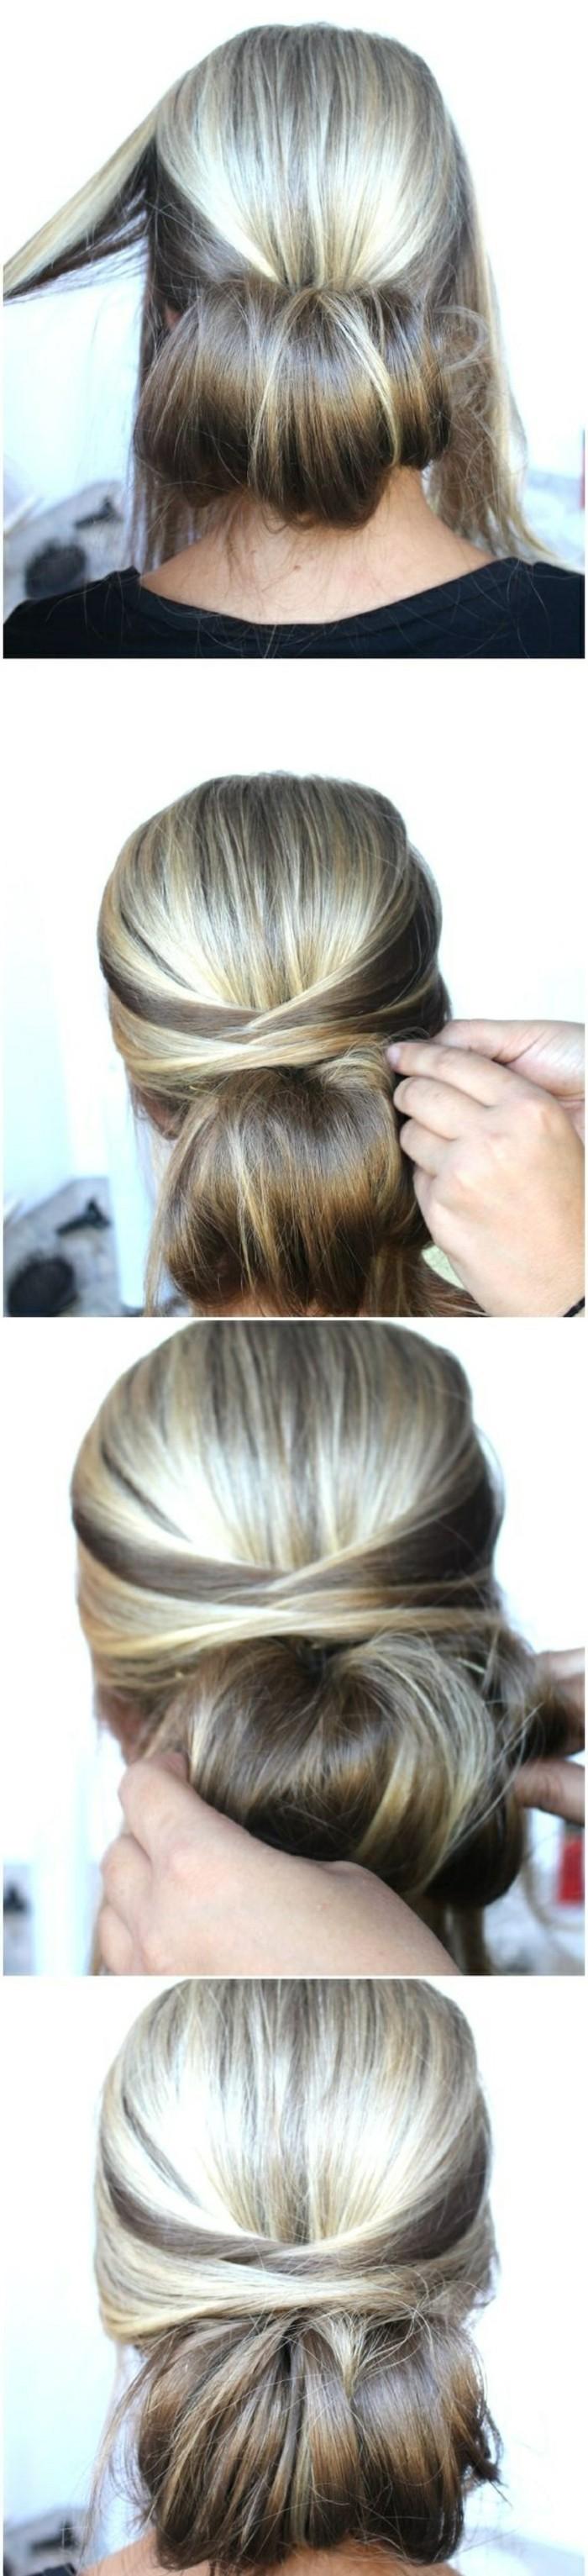 chignon bas avec des mèches latérales croisées en arrière de la tête, idée de coiffure mariée cheveux attachés